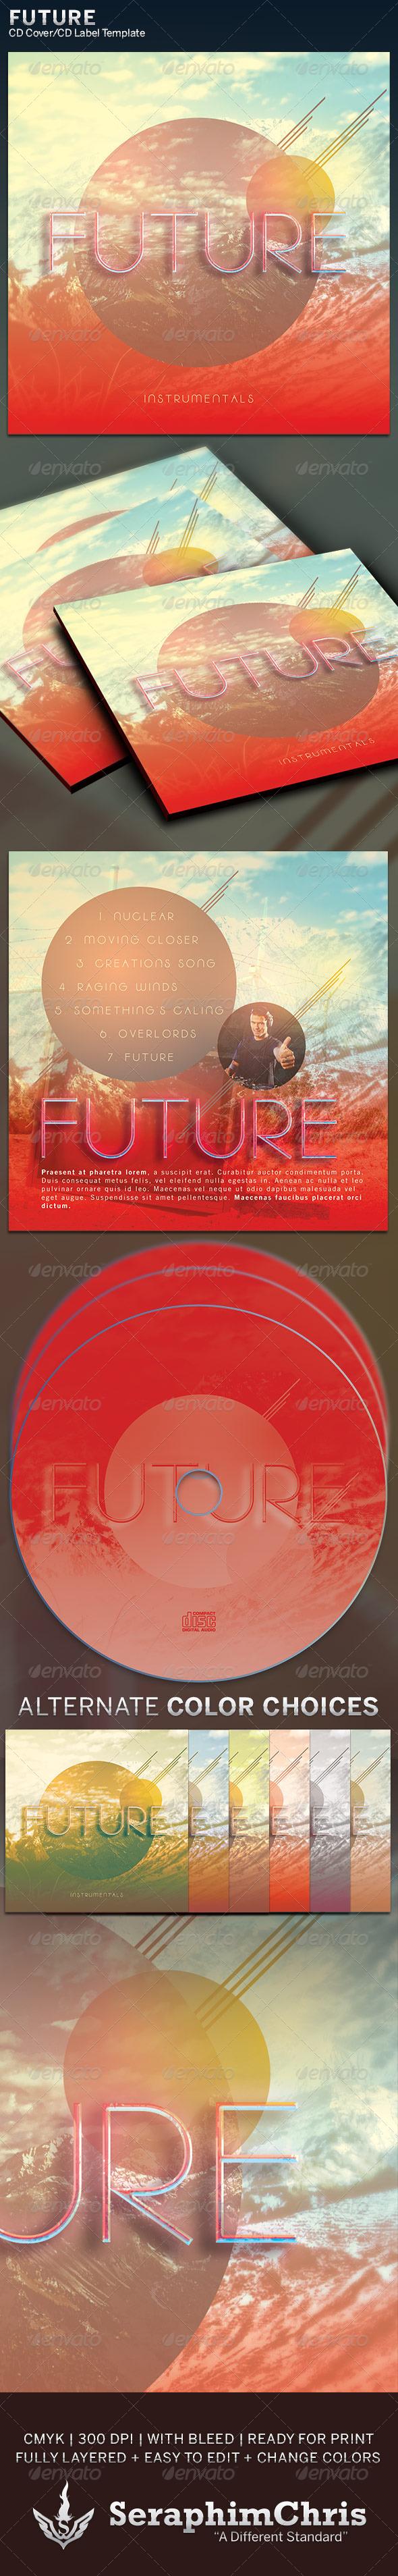 GraphicRiver Future CD Cover Artwork Template 6306699